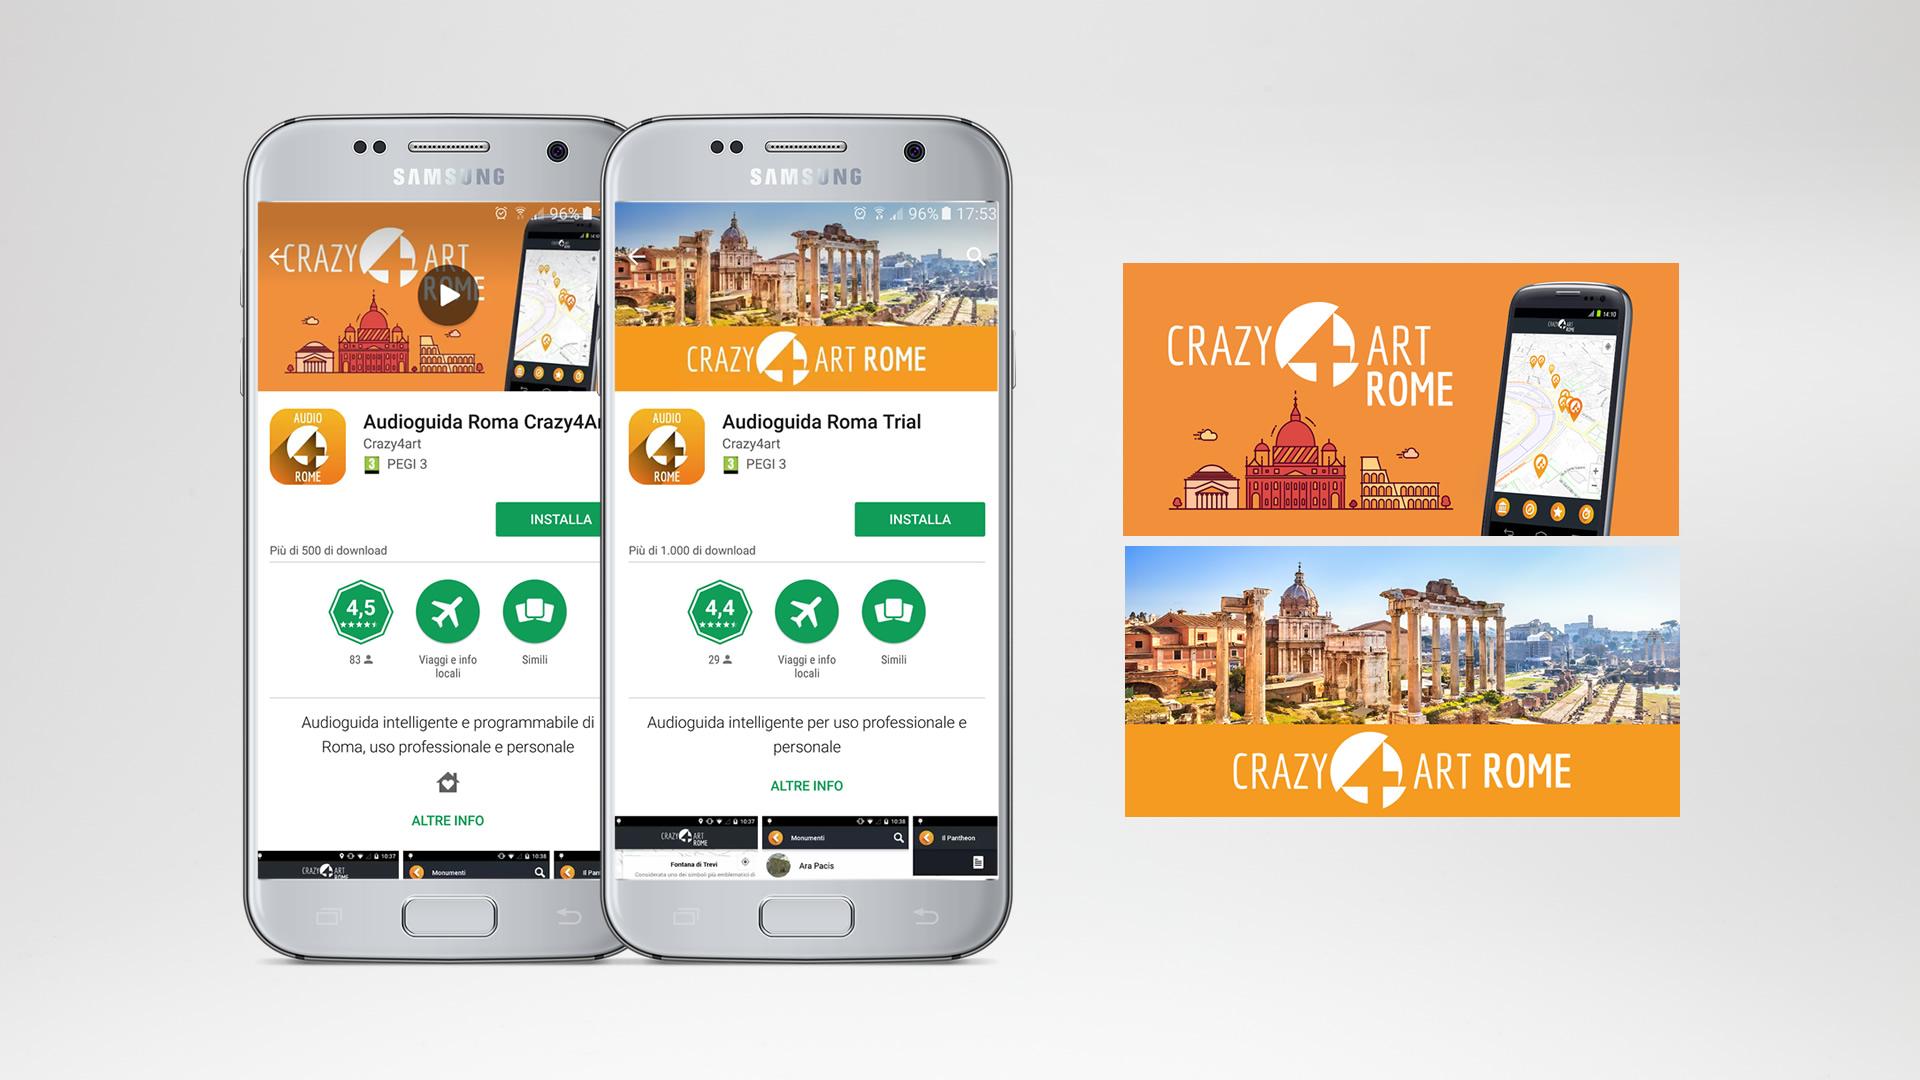 Crazy4Art App Roma audioguida - Patrizio Rossi - realizzazione immagini play store - apple app store- web graphic designer